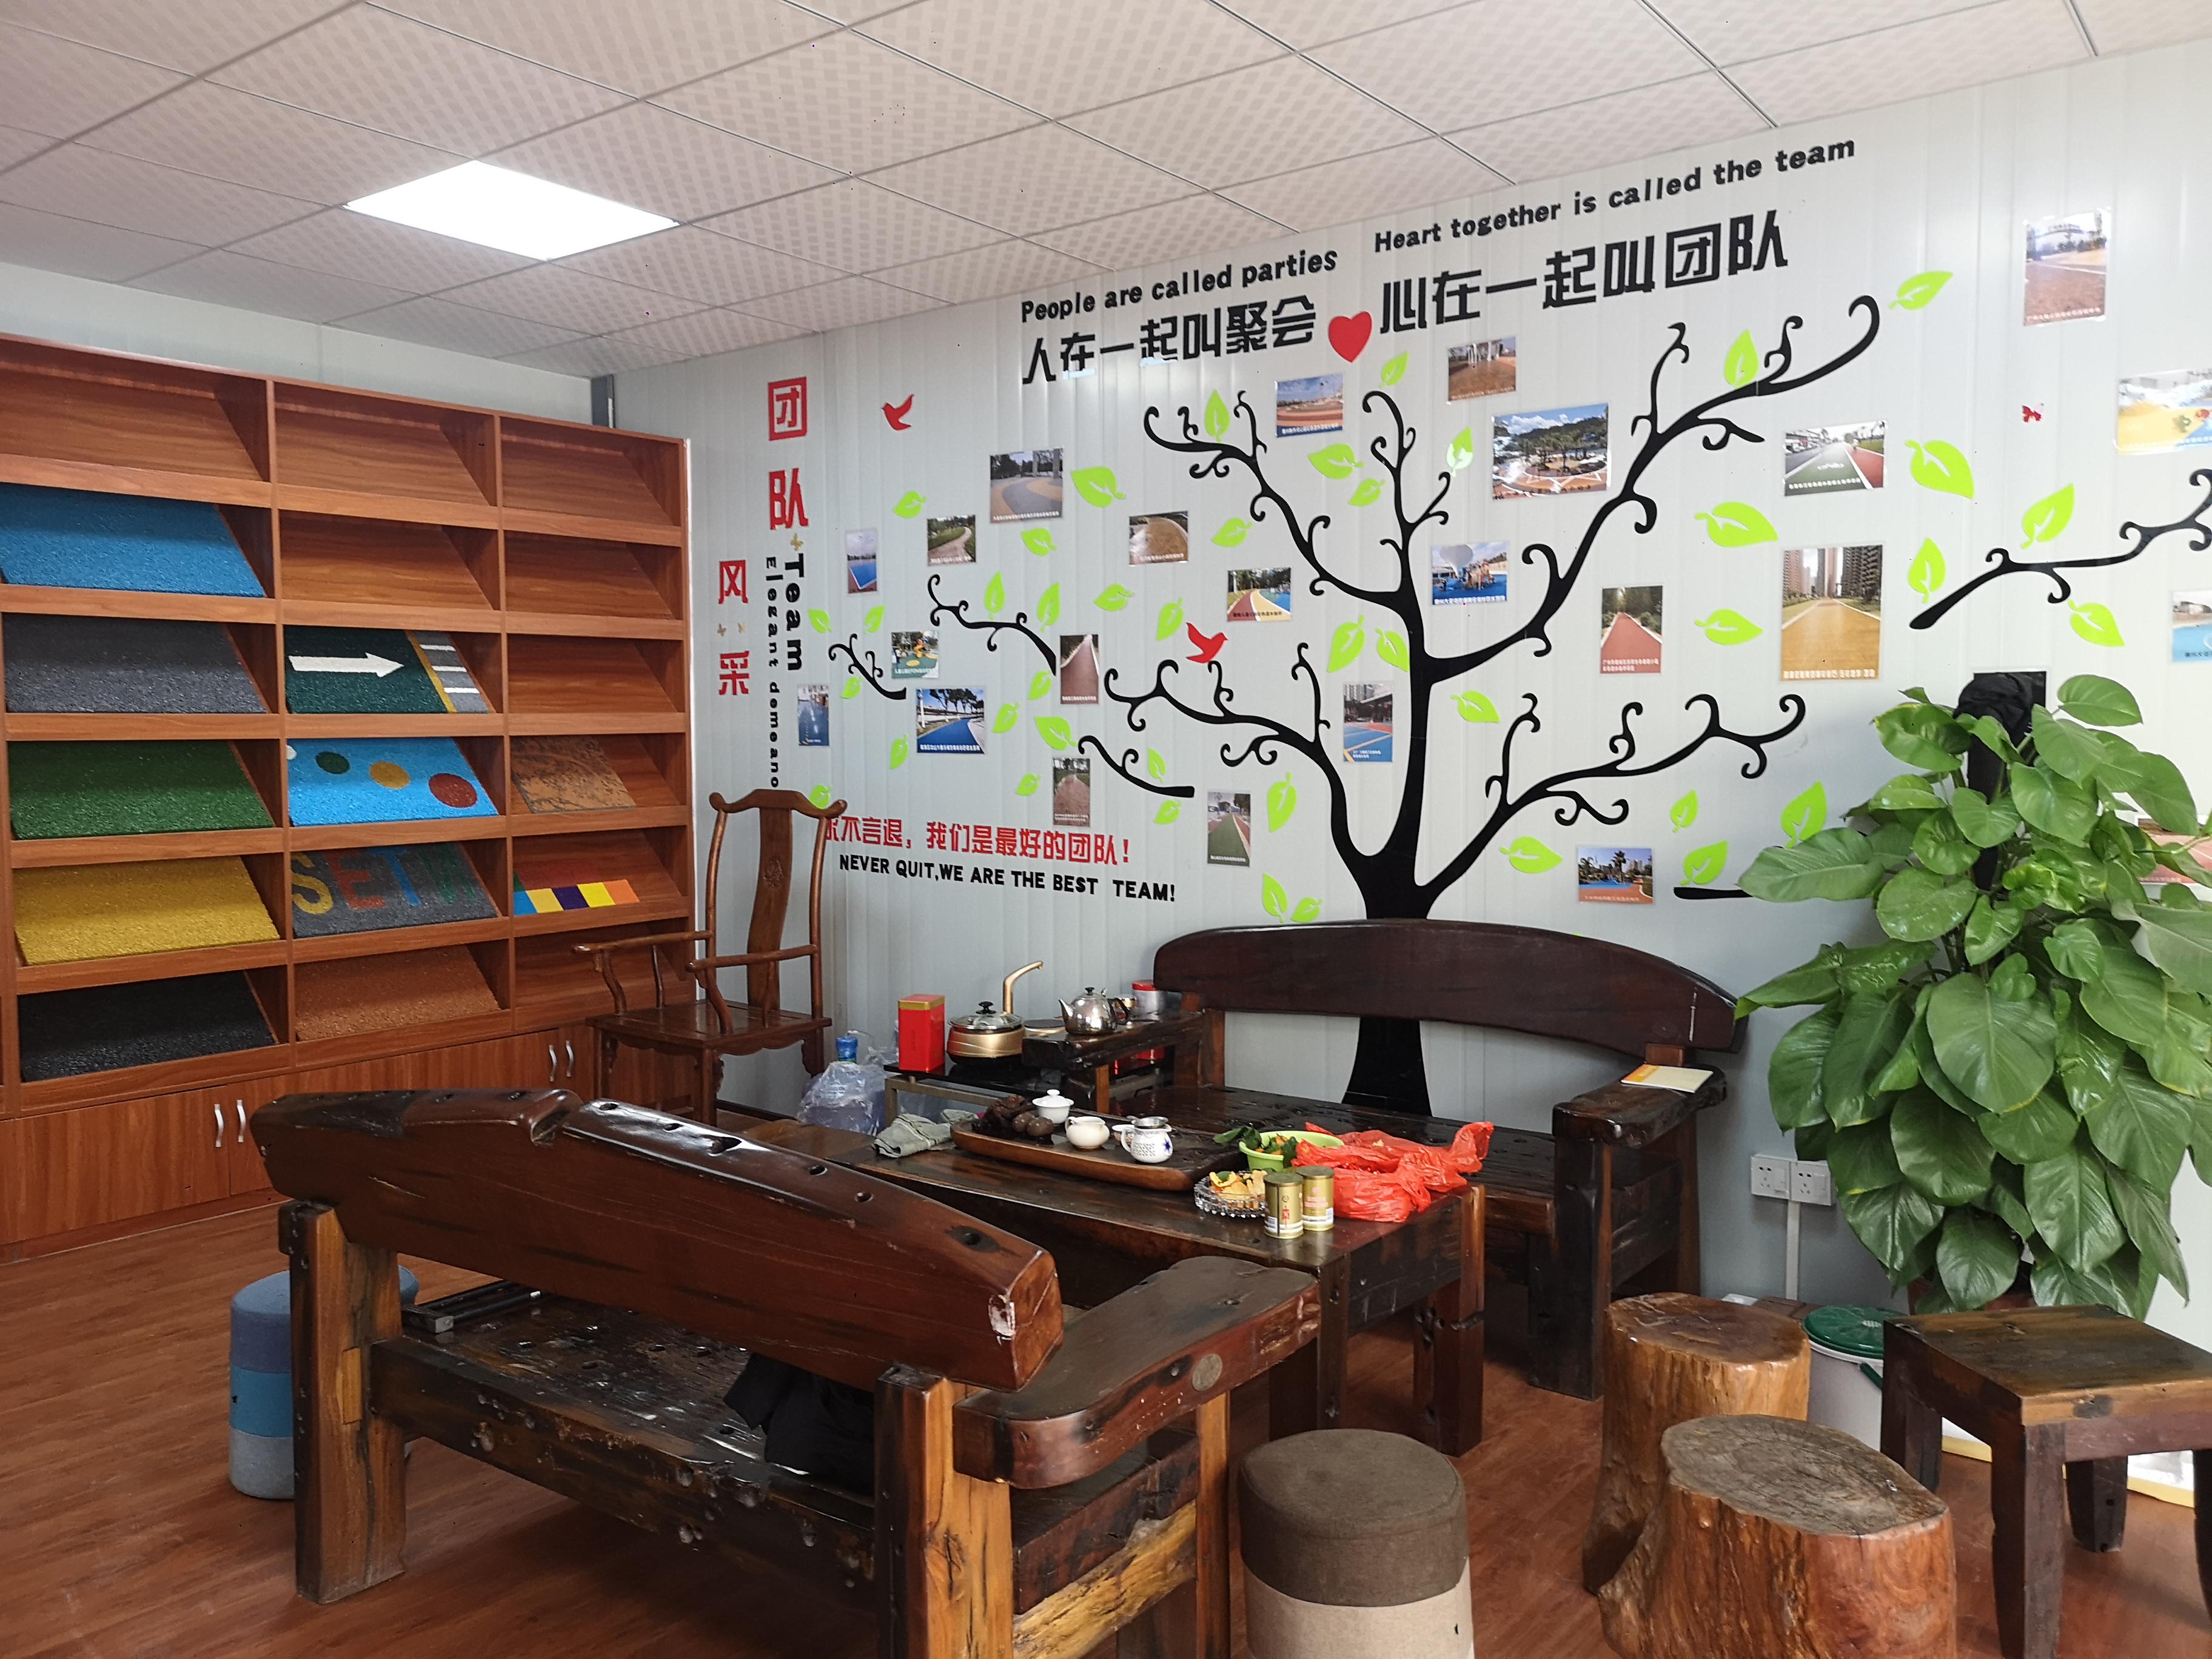 地石丽新材料工厂企业文化墙.jpg